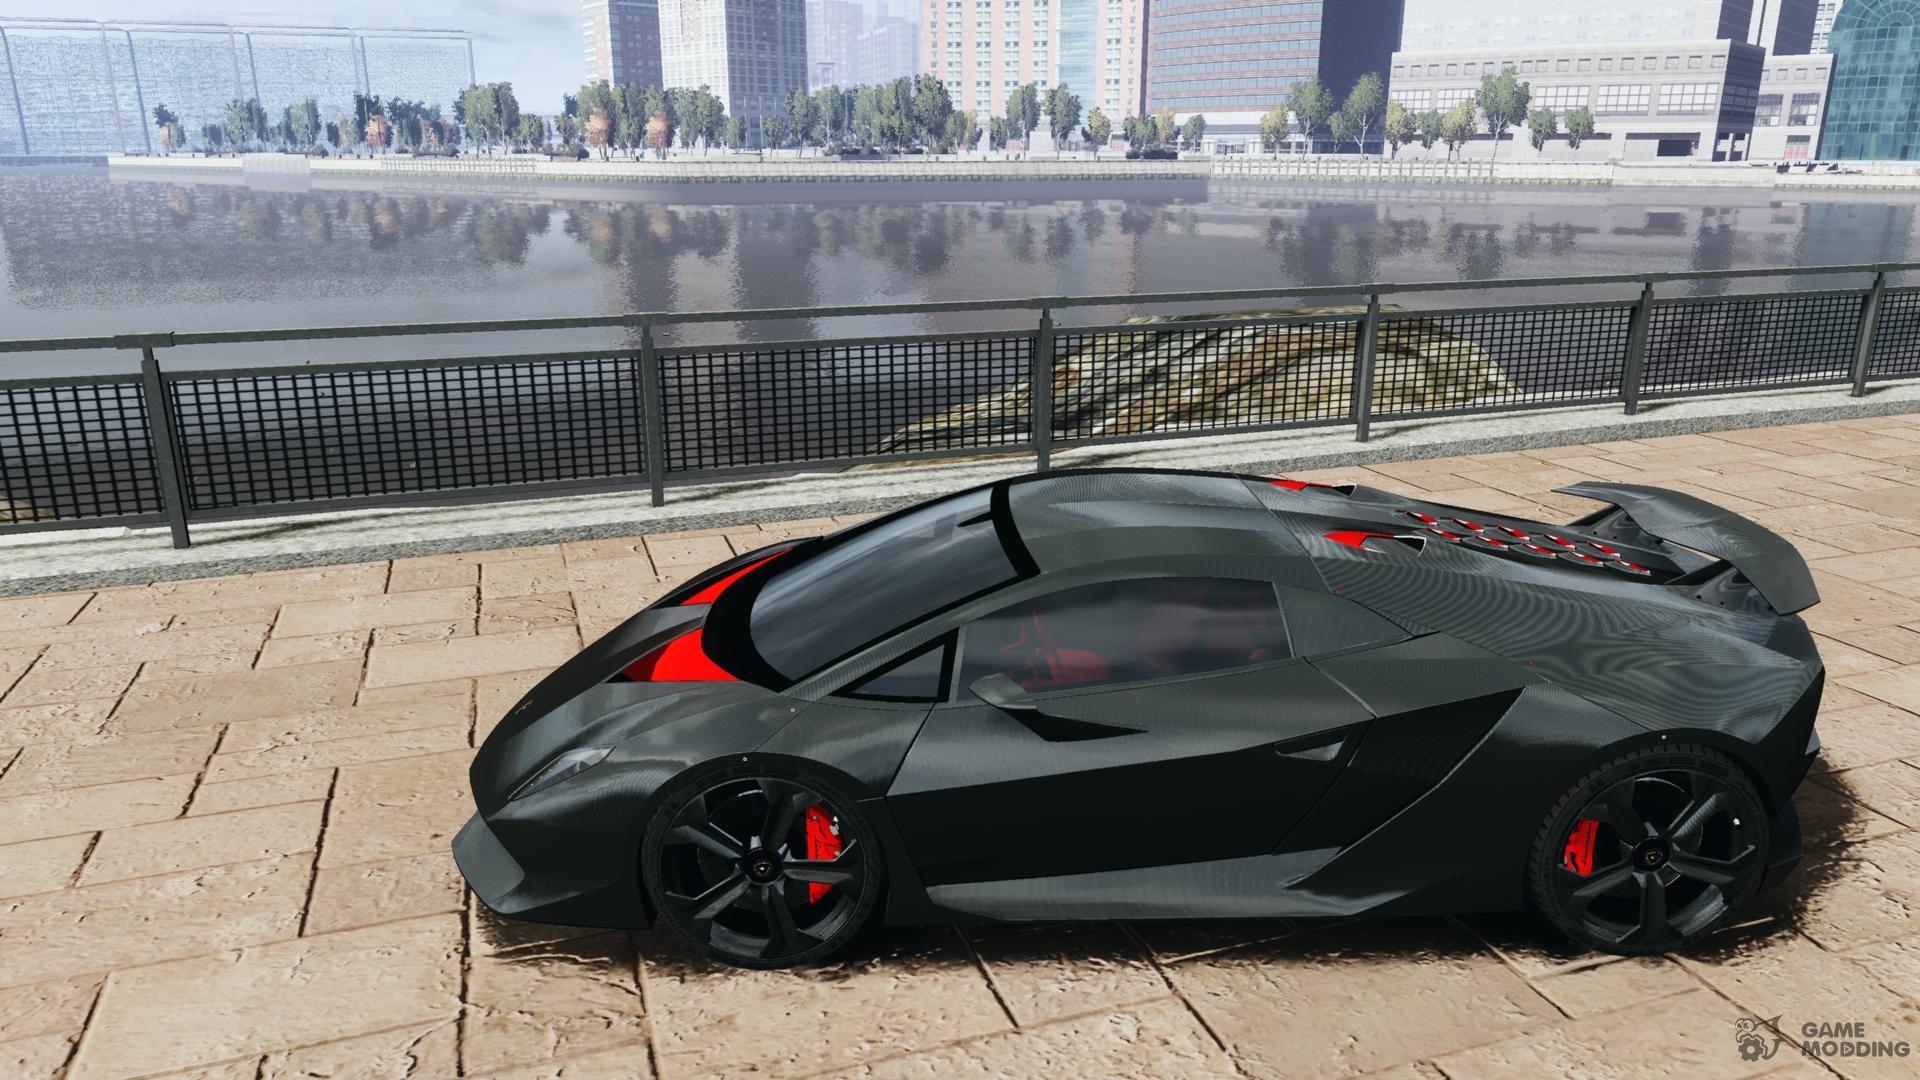 F E F Fcdc F C D Adec C E Cfb A on Gta 5 Lamborghini Cheat